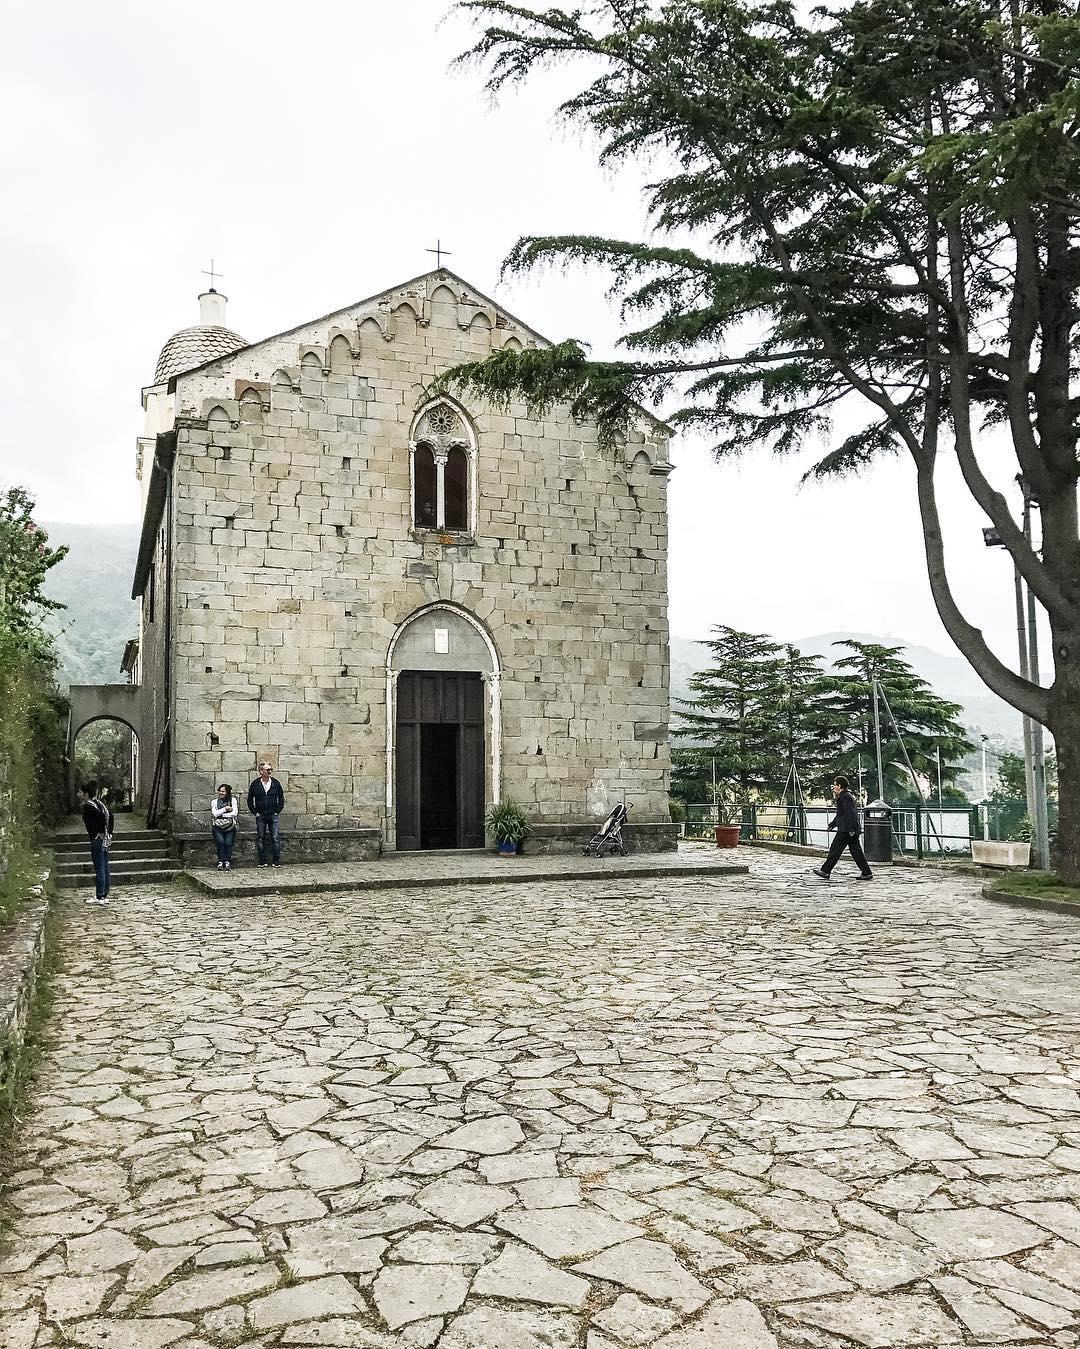 Santuario di Nostra Signora della Salute